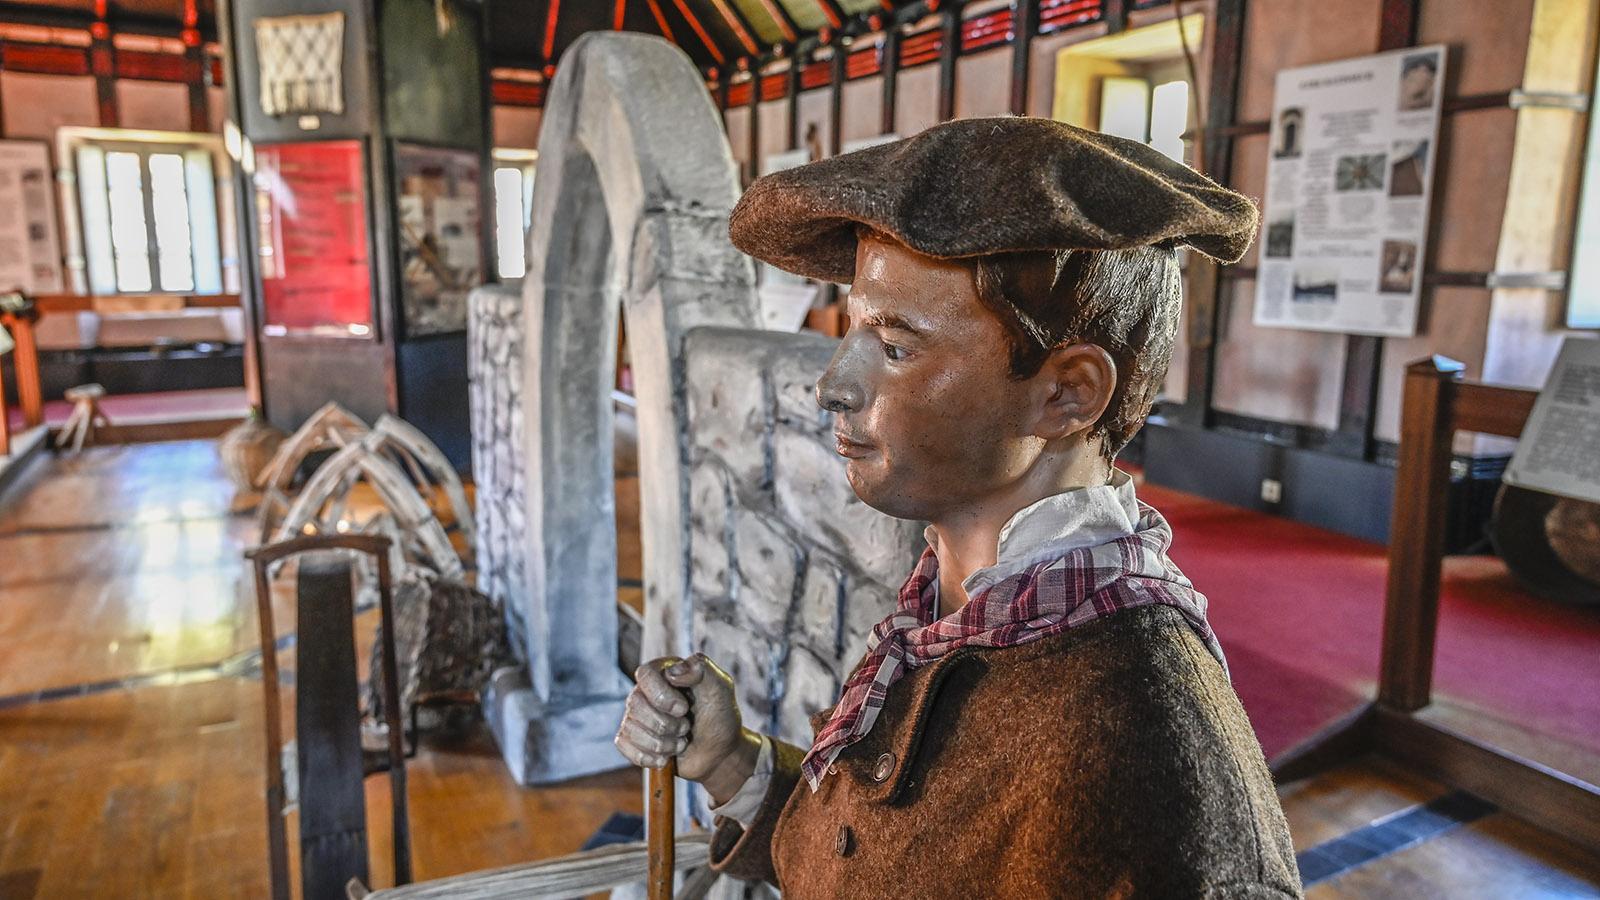 ls dekoratives Element dient.Titel F_Arreau_cagot_4_credits_Hilke Maunder. Beschriftung Große Menschen, kleine Menschen: Das Musée des Cagots stellt die Geschichte der französischen Paries in den Kontext – und erzählt von den großen und kleinen Menschen der Pyrenäen. Foto: Hilke Maunder Beschreibung Datei-URL: https://meinfrankreich.com/wp-content/uploads/2018/12/F_Arreau_cagot_4_credits_Hilke-Maunder..jpg